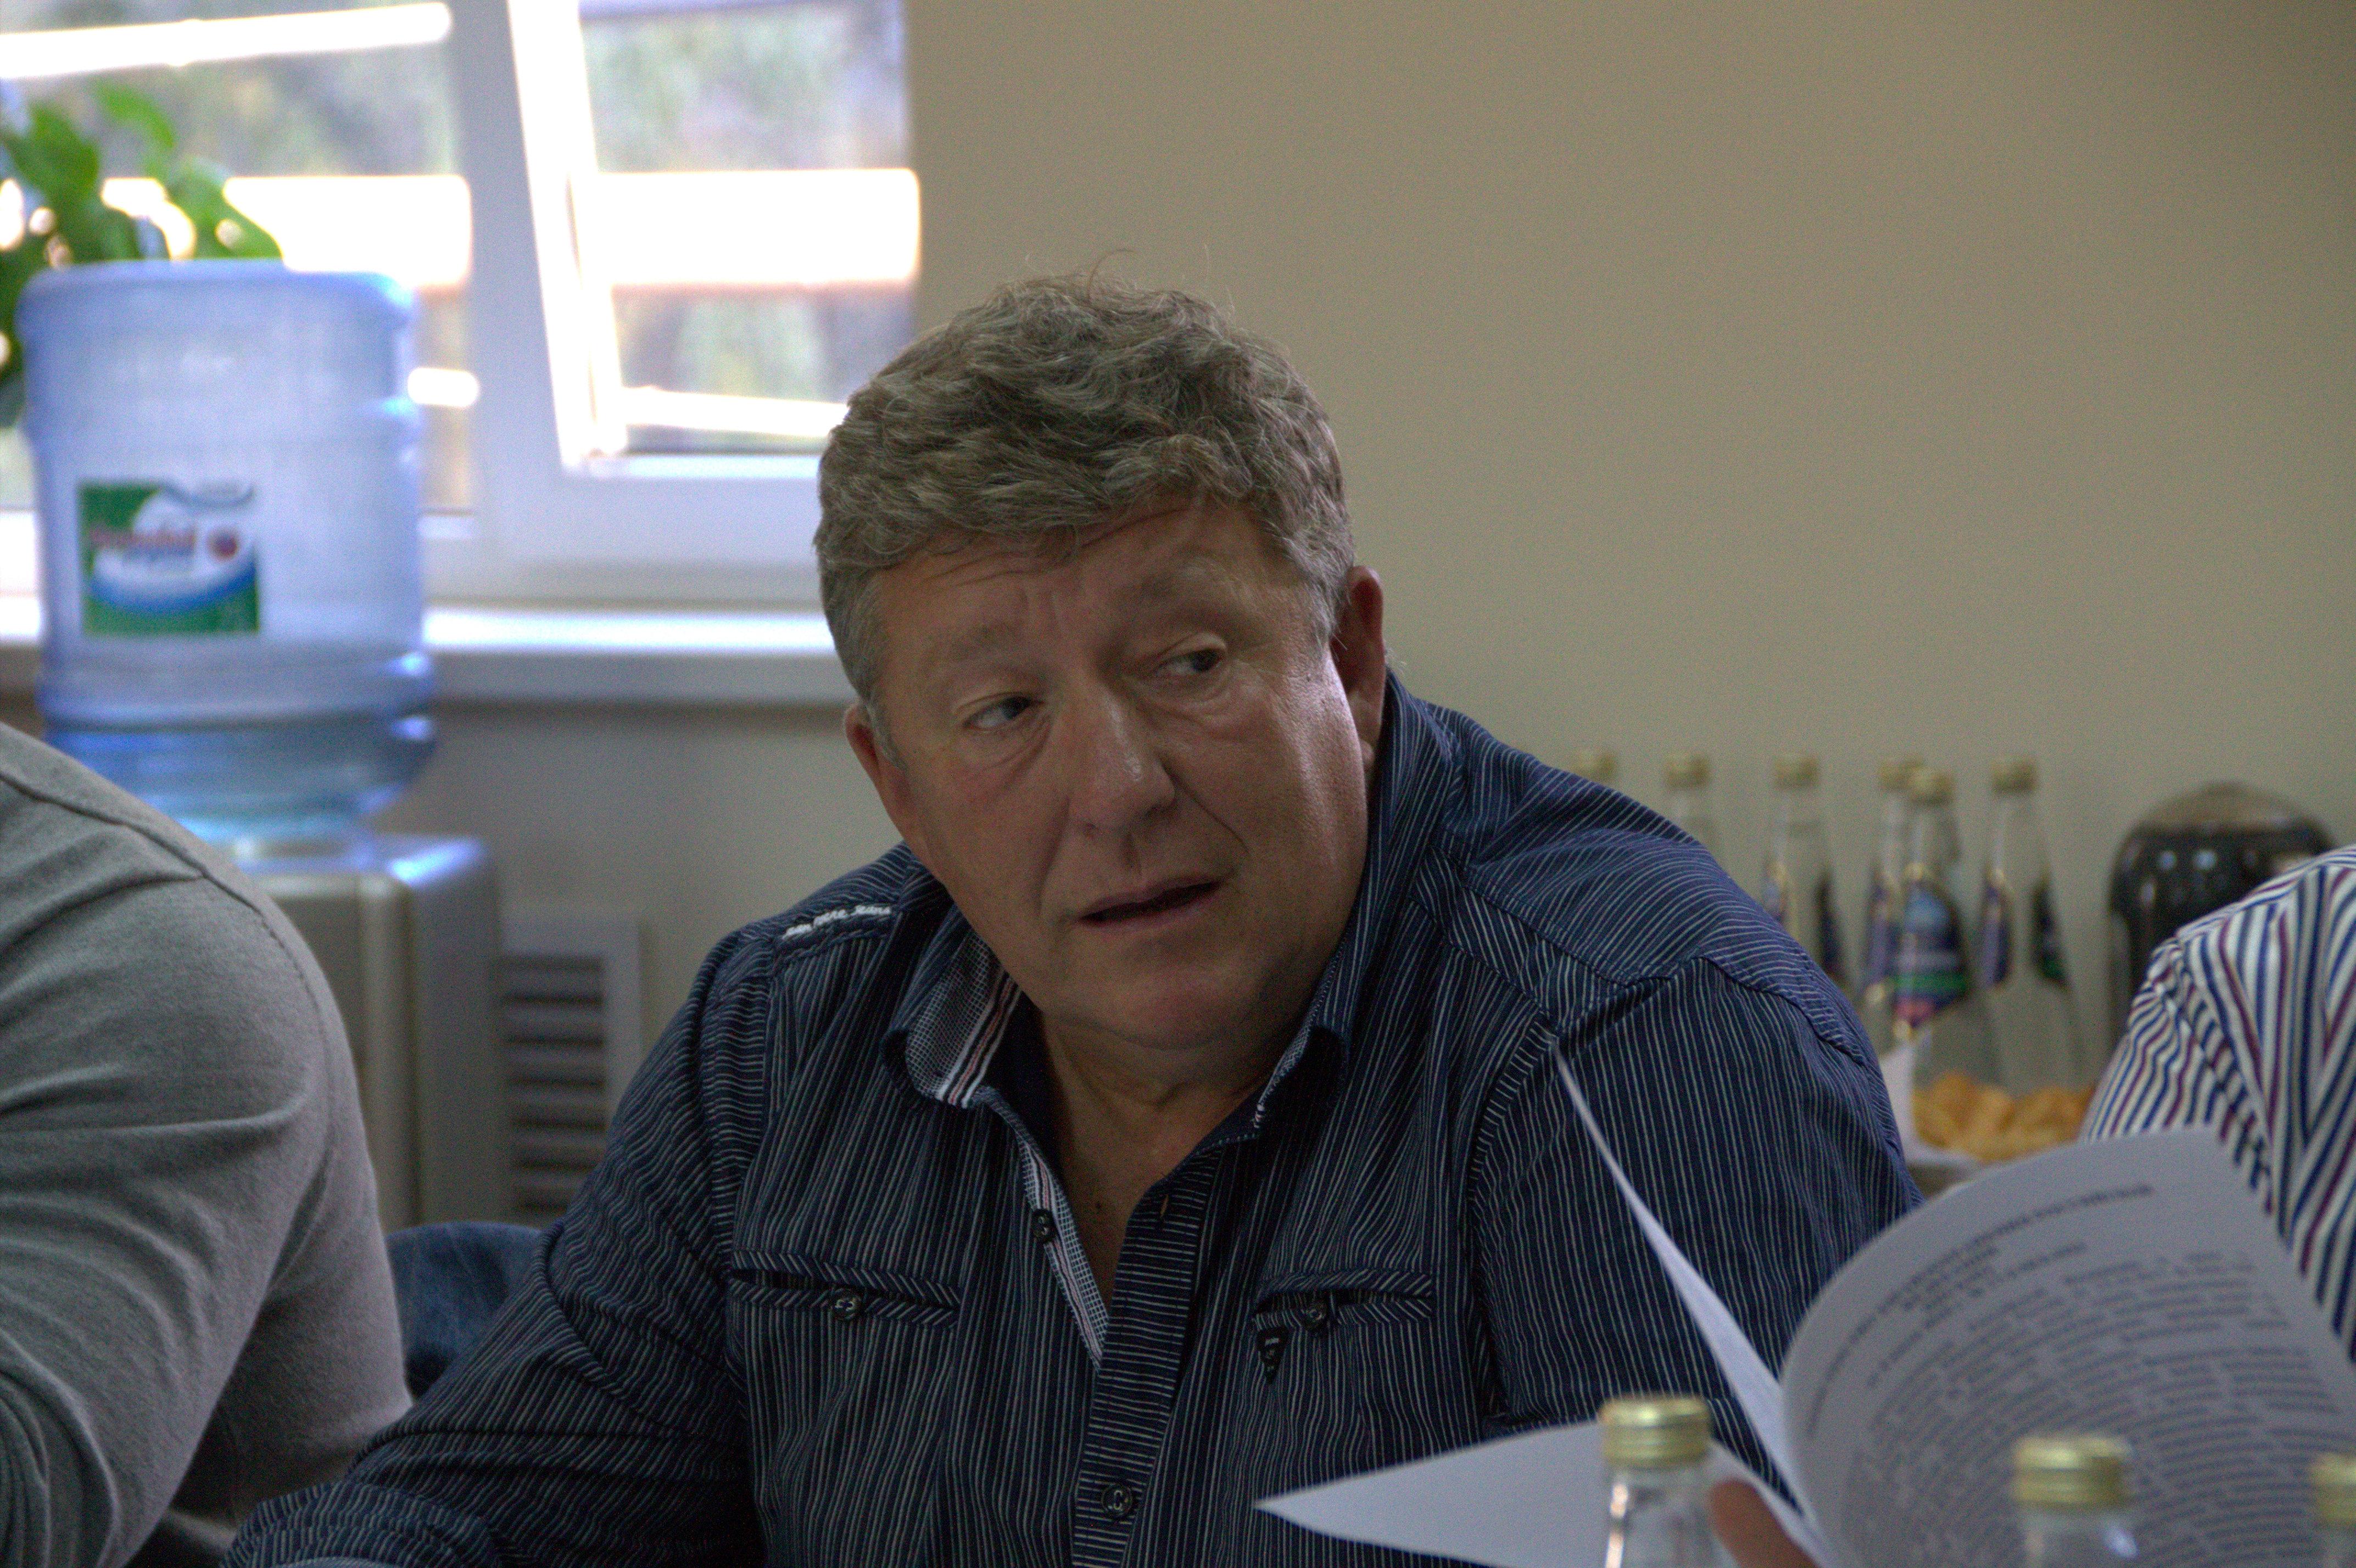 Чернов Андрей Евгеньевич